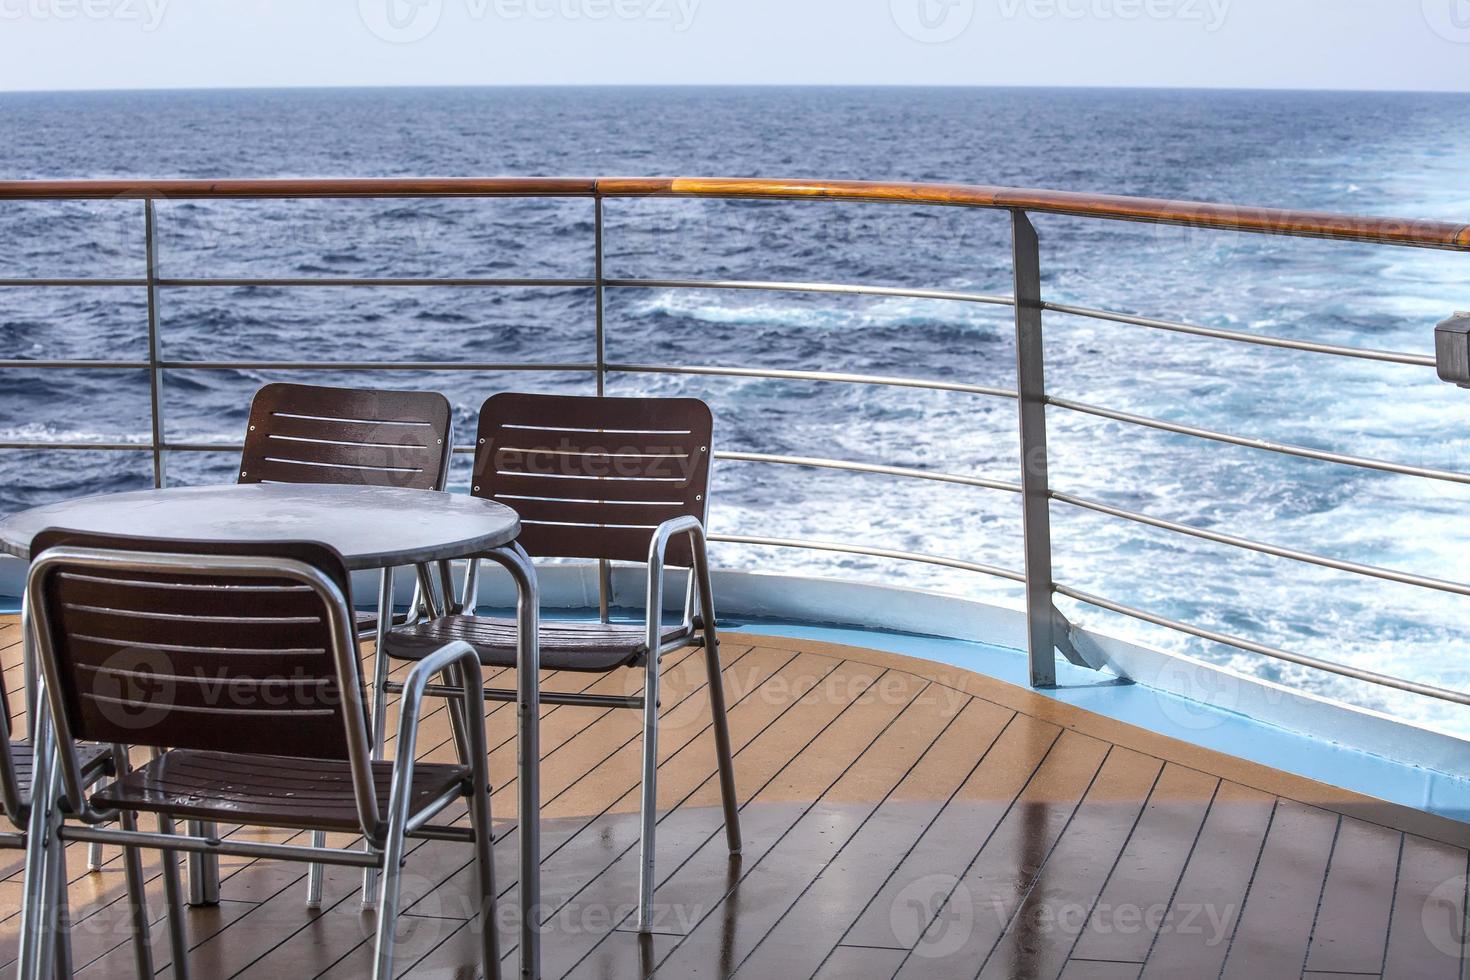 cubierta de crucero foto